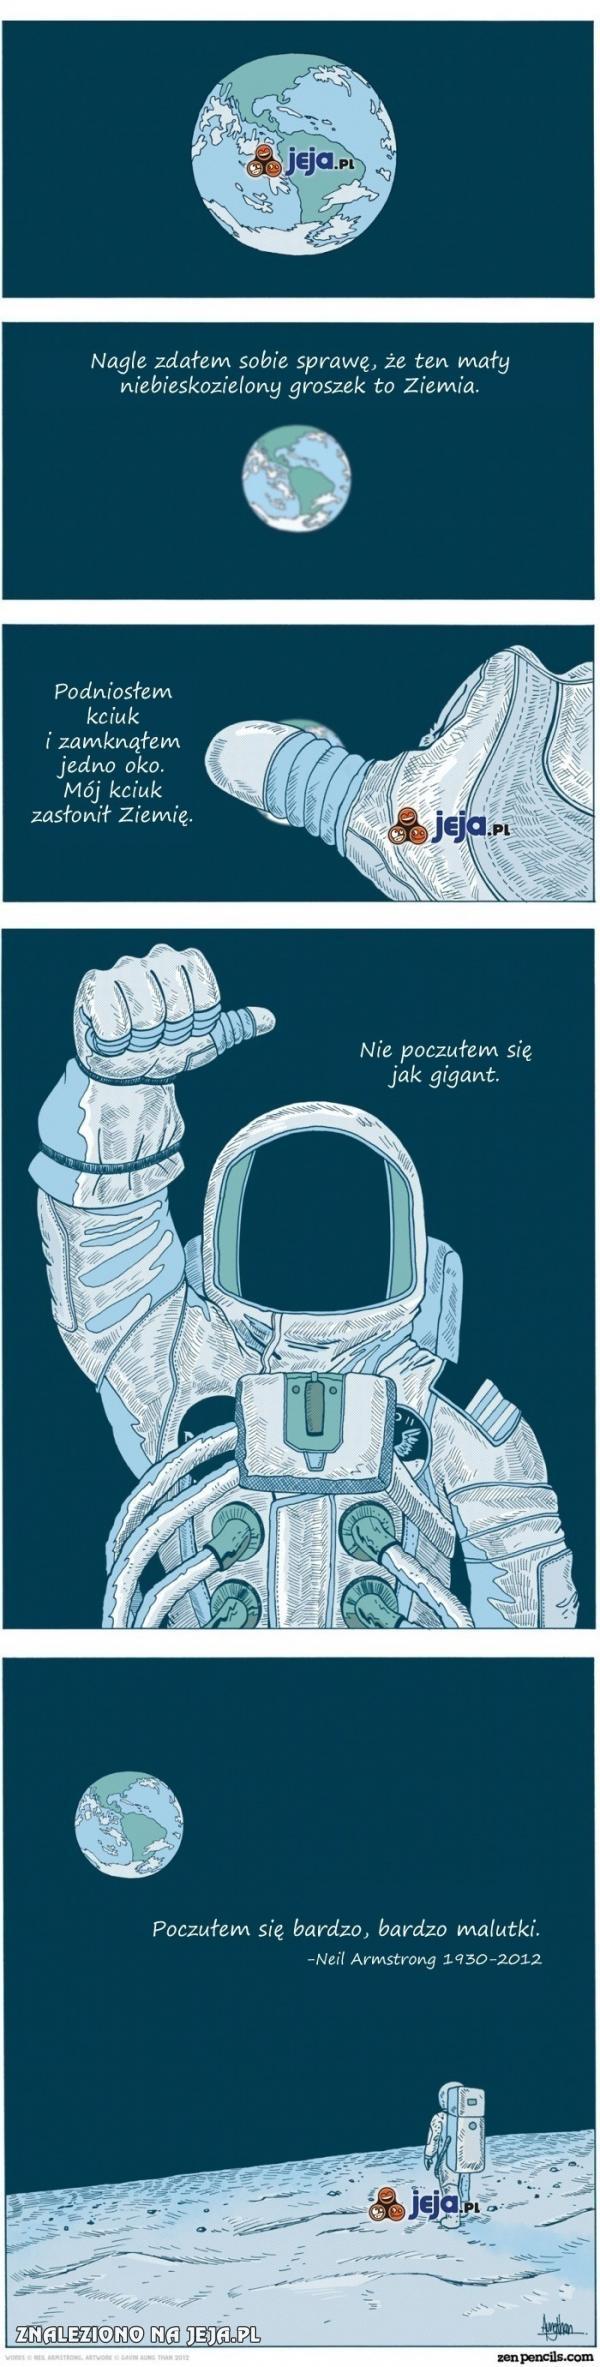 Jak Neil Armstrong czuł się na Księżycu